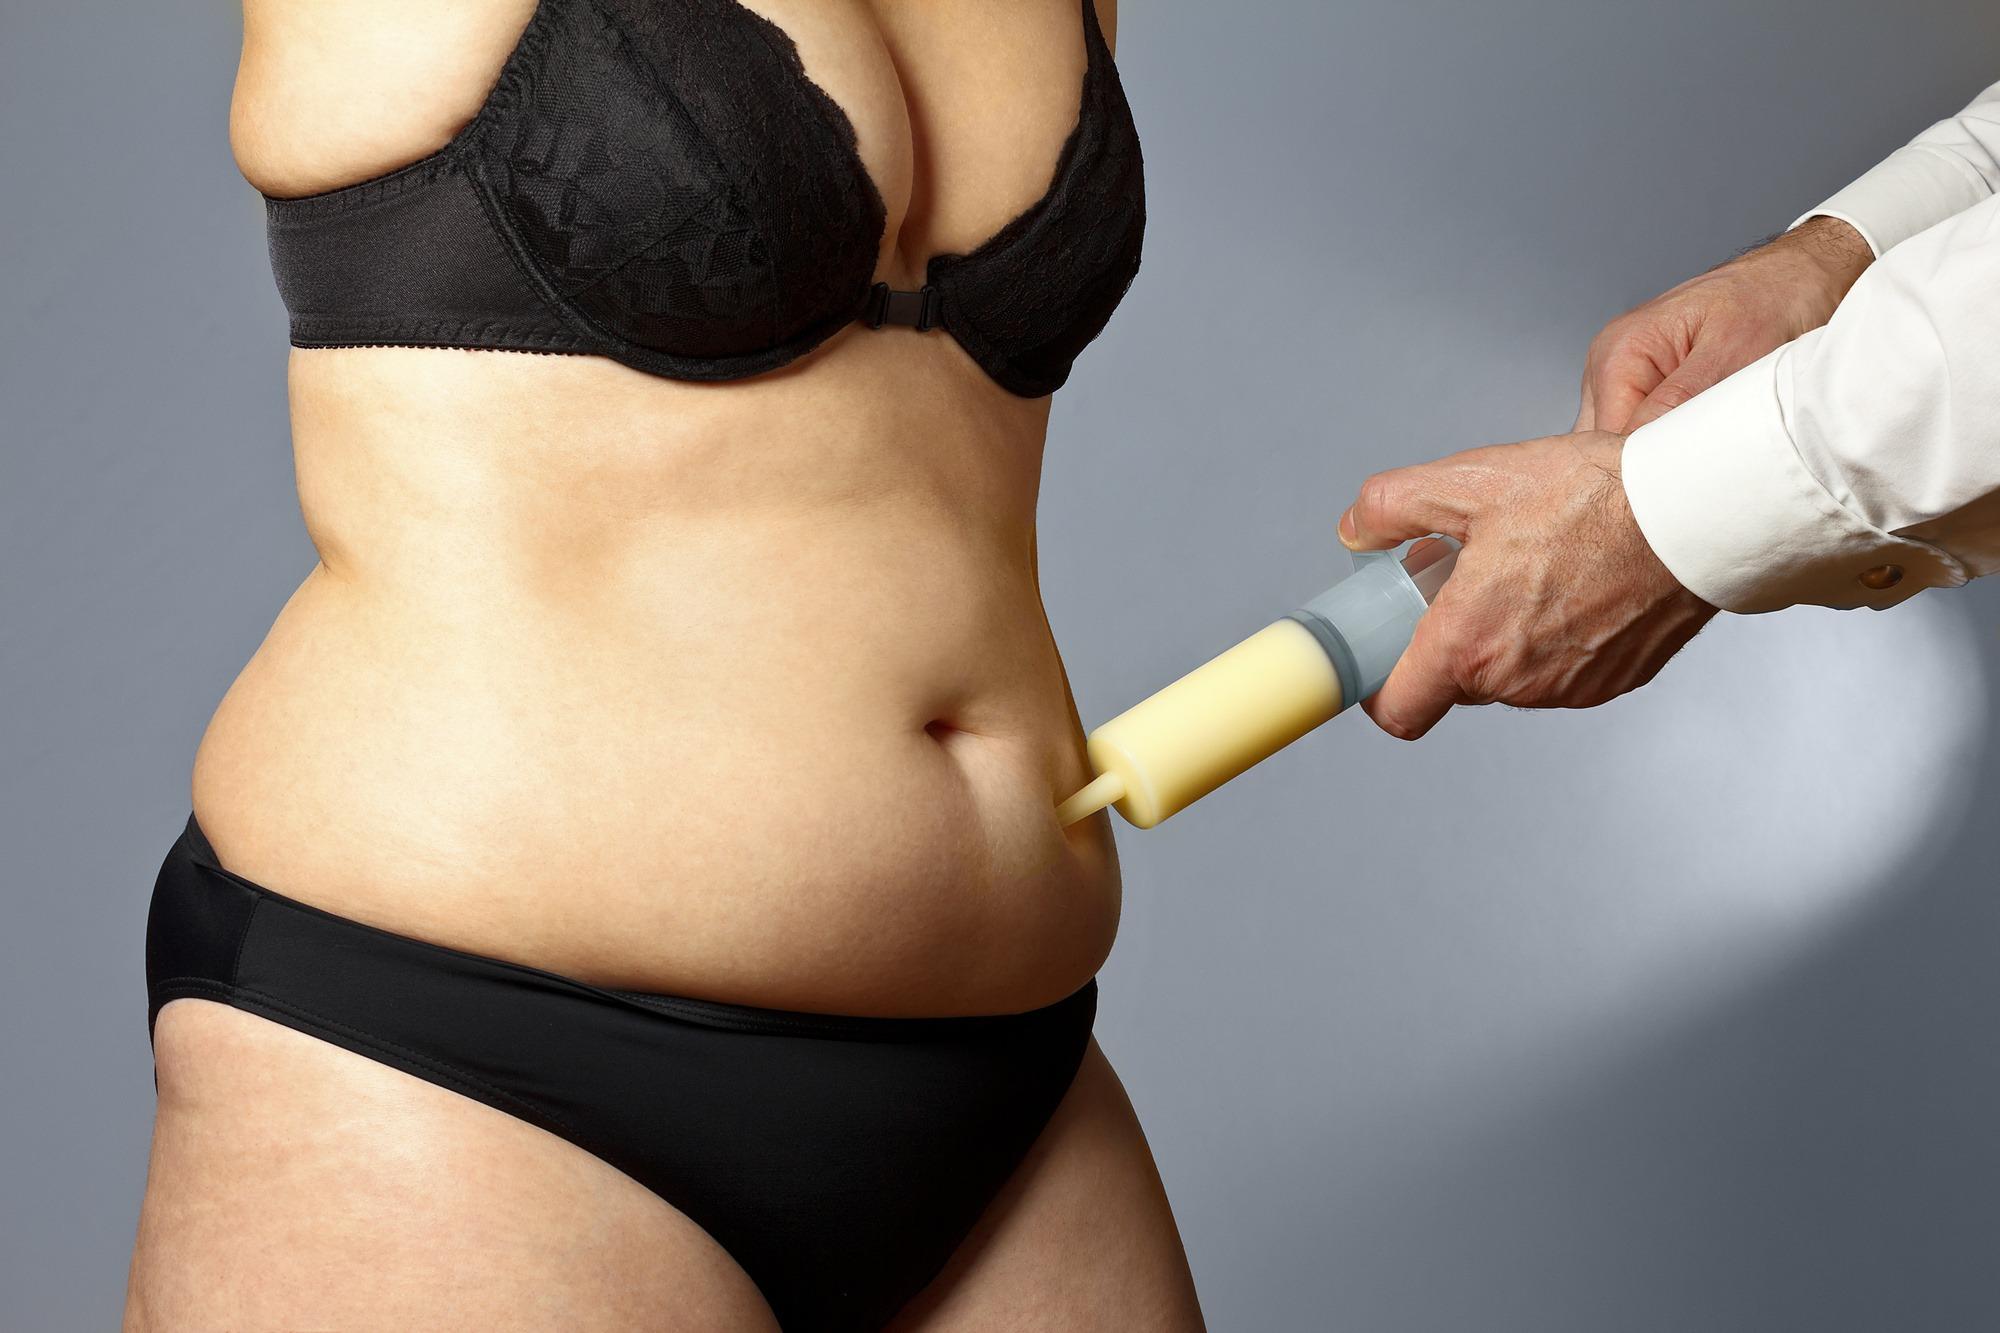 Liposukcija je isisavanje masnog tkiva